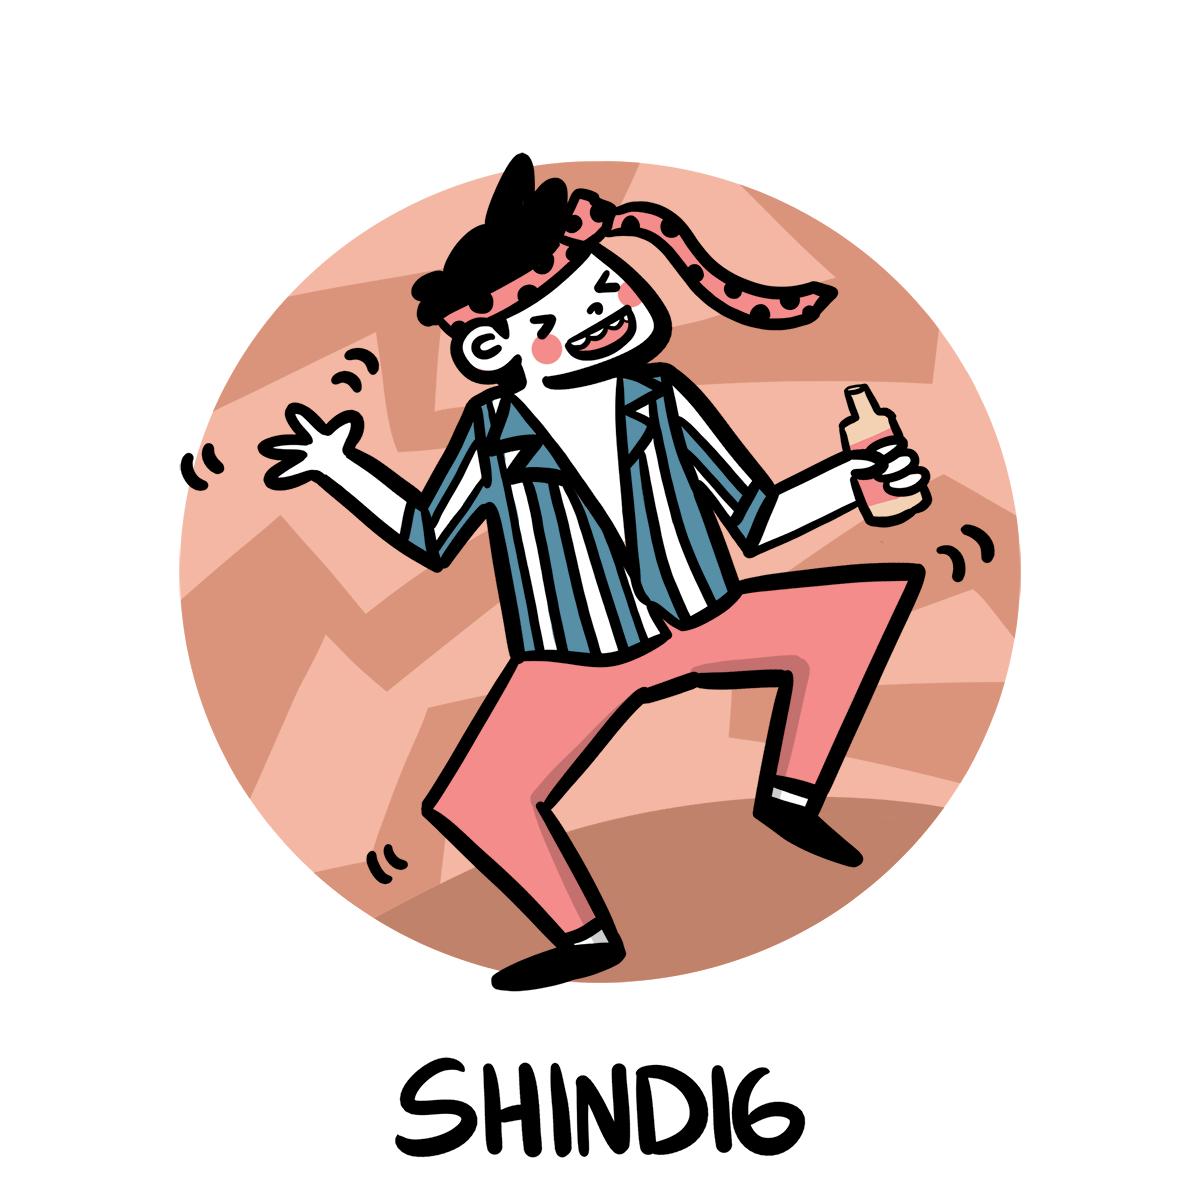 Shindig